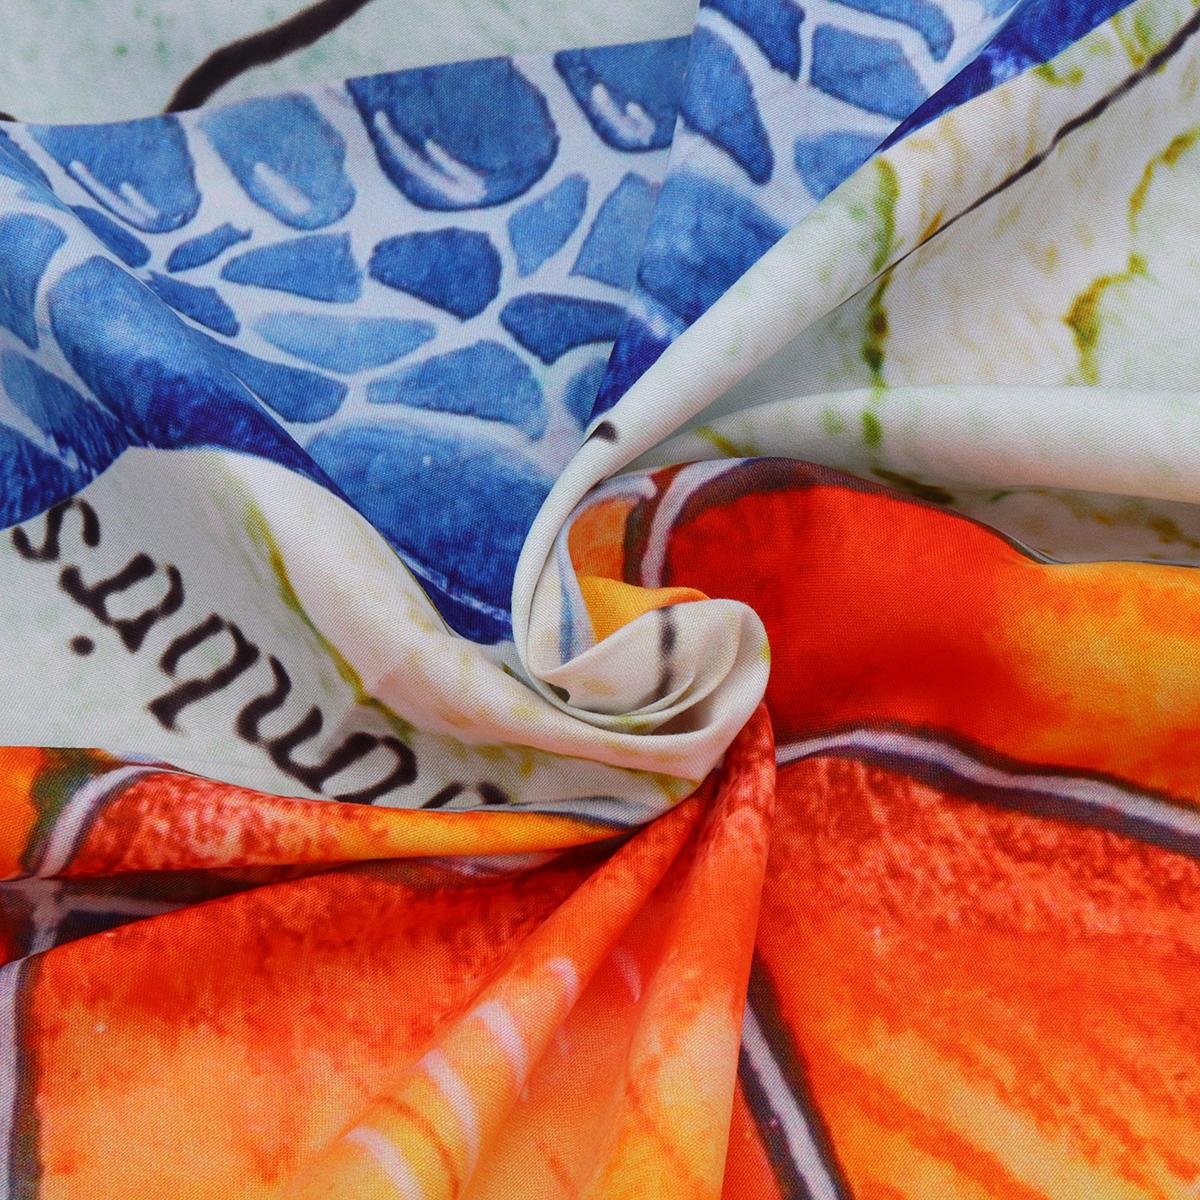 МорскаяЧерепахаПодвеснойГобеленСтеныДома Декоративные Tapete Спальня Одеяло Скатерть Yoga Мат - фото 10